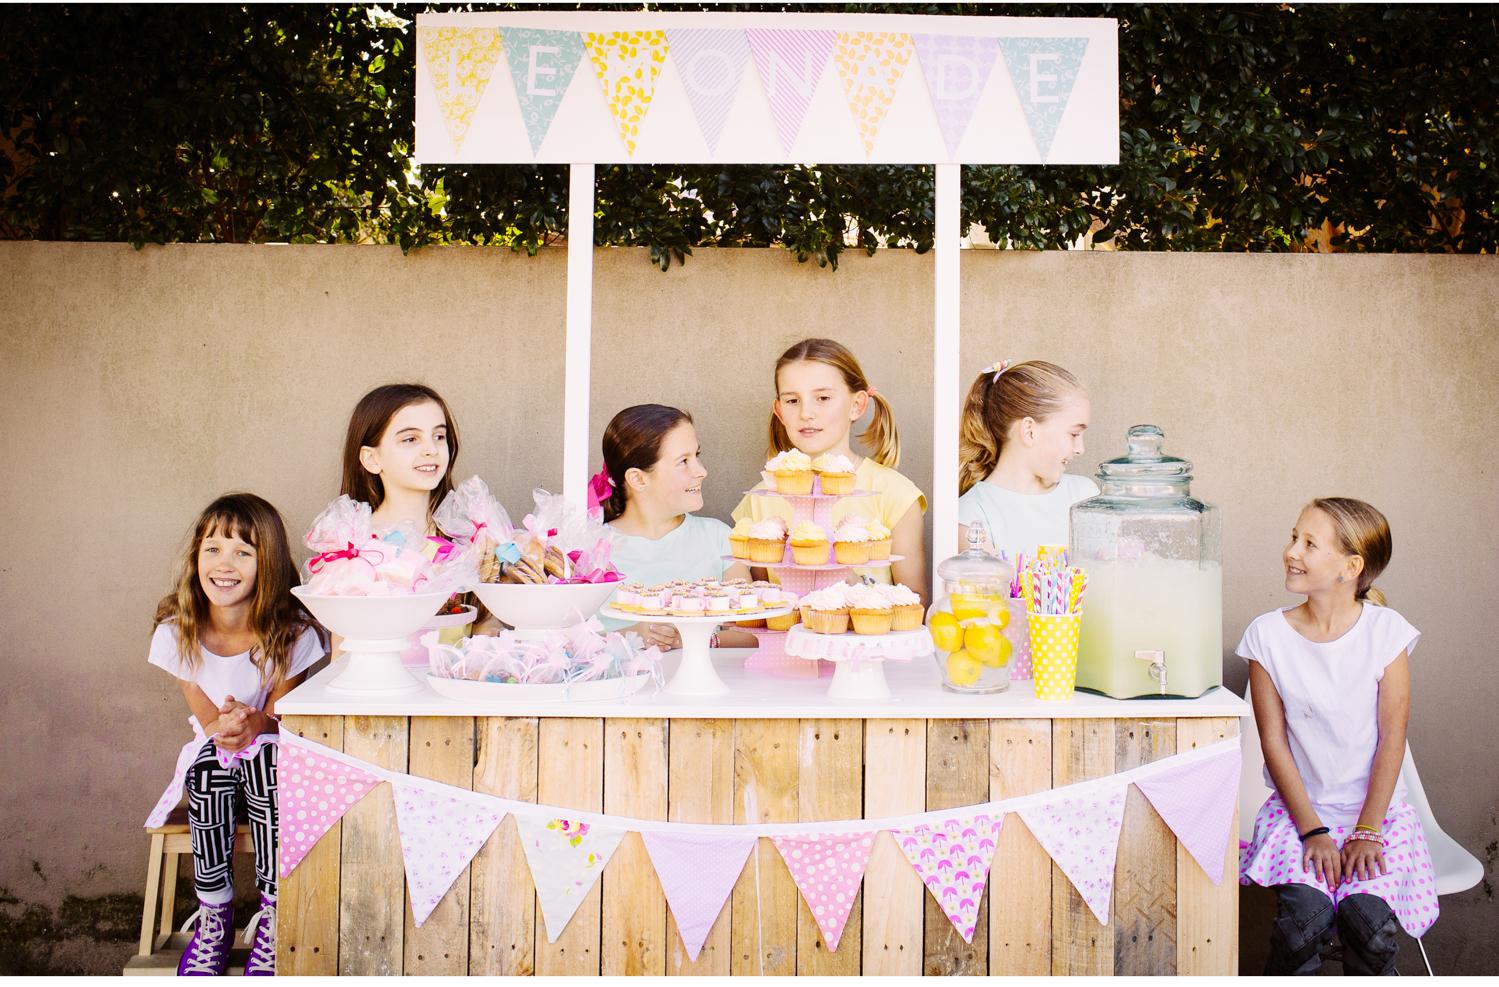 lemonade_stand_sydney_fundraising.09.jpg